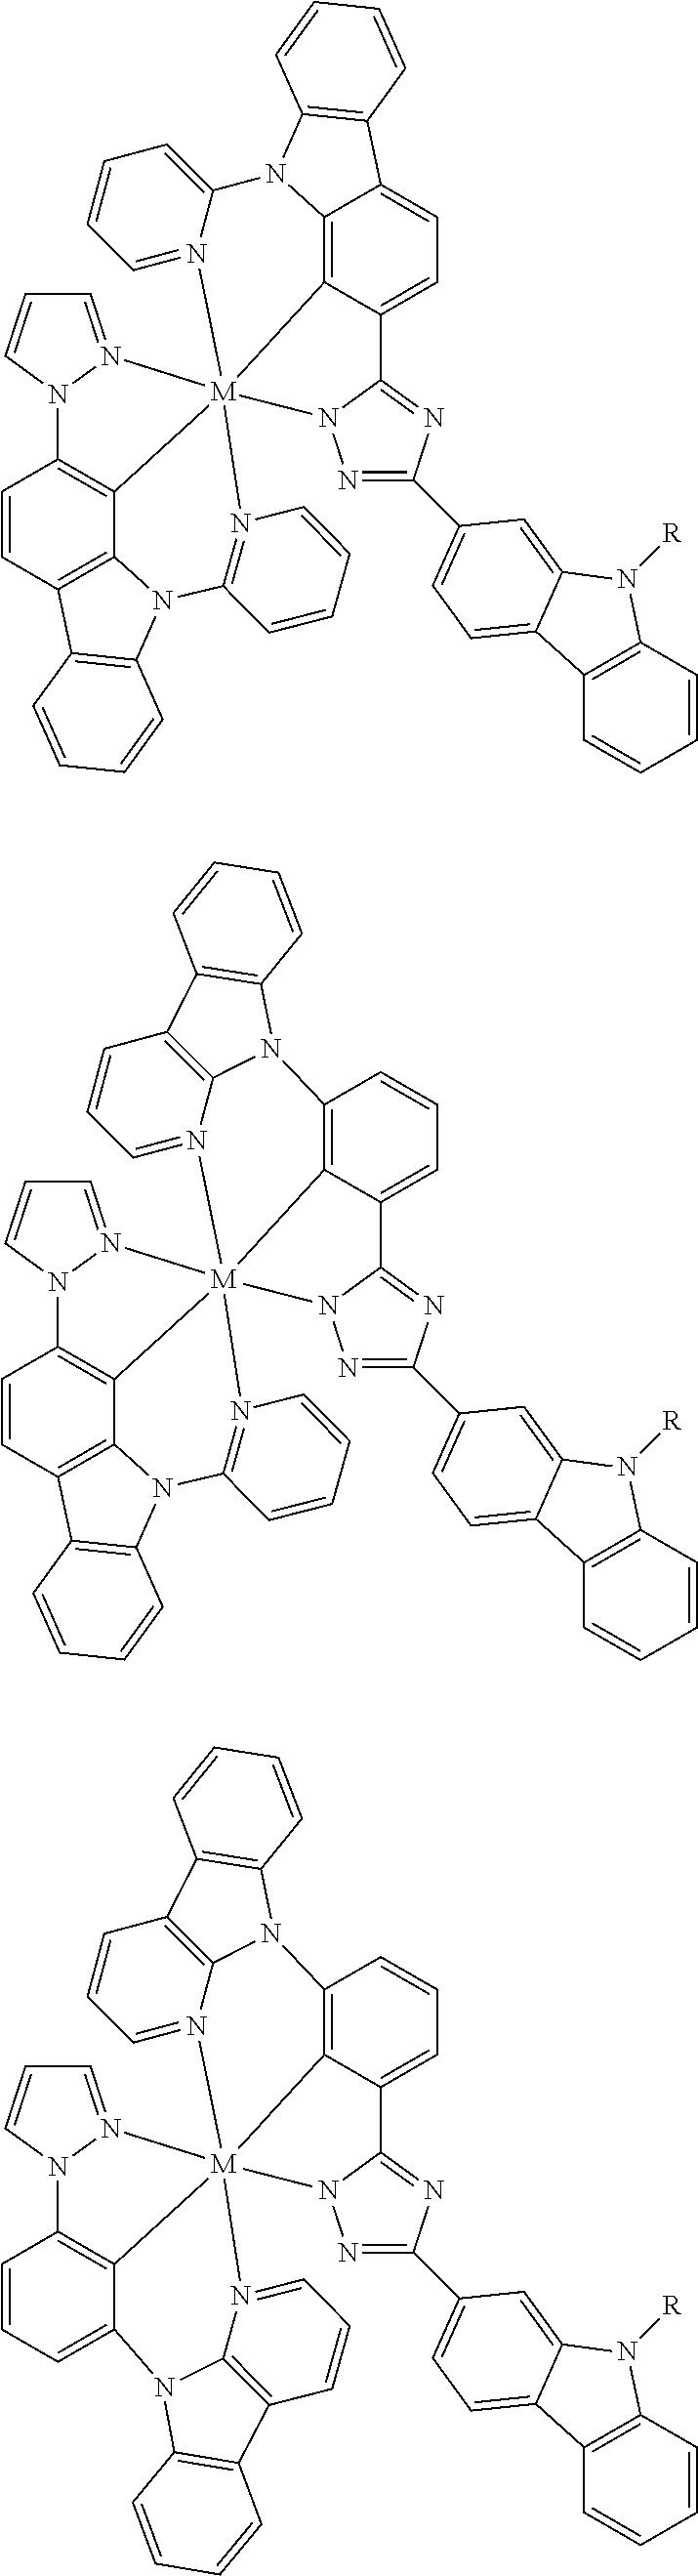 Figure US09818959-20171114-C00280